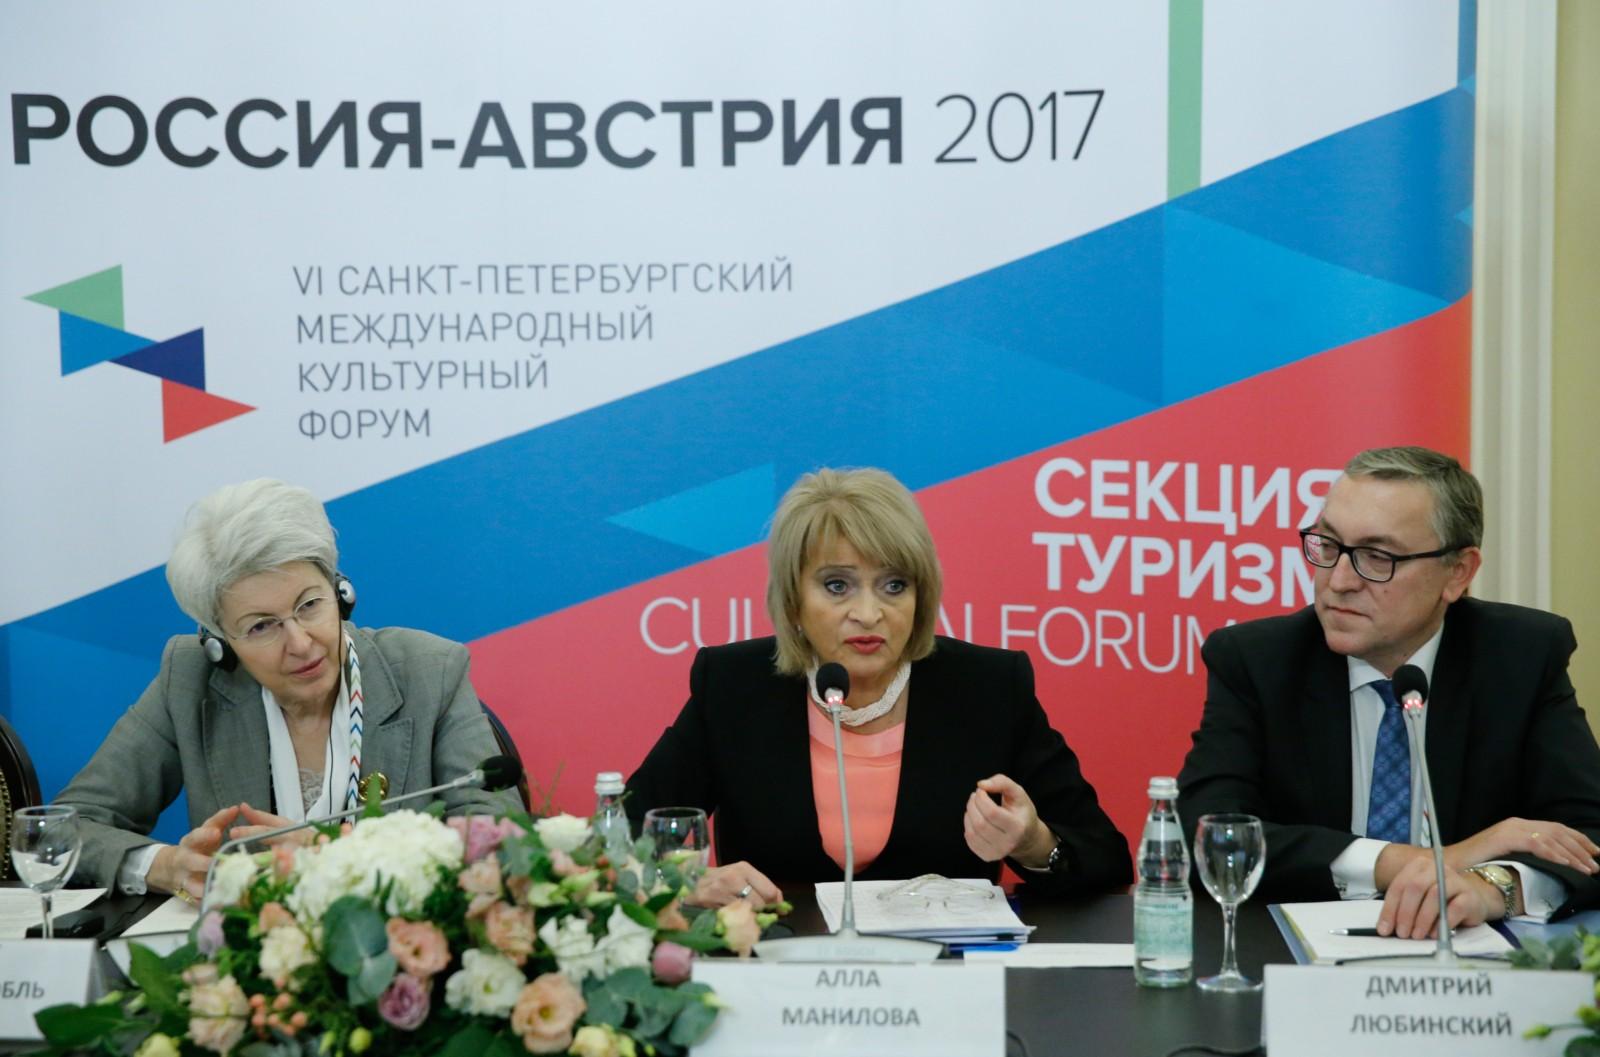 Итоги «перекрестного» Года туризма Россия - Австрия подвели в Санкт Петербурге